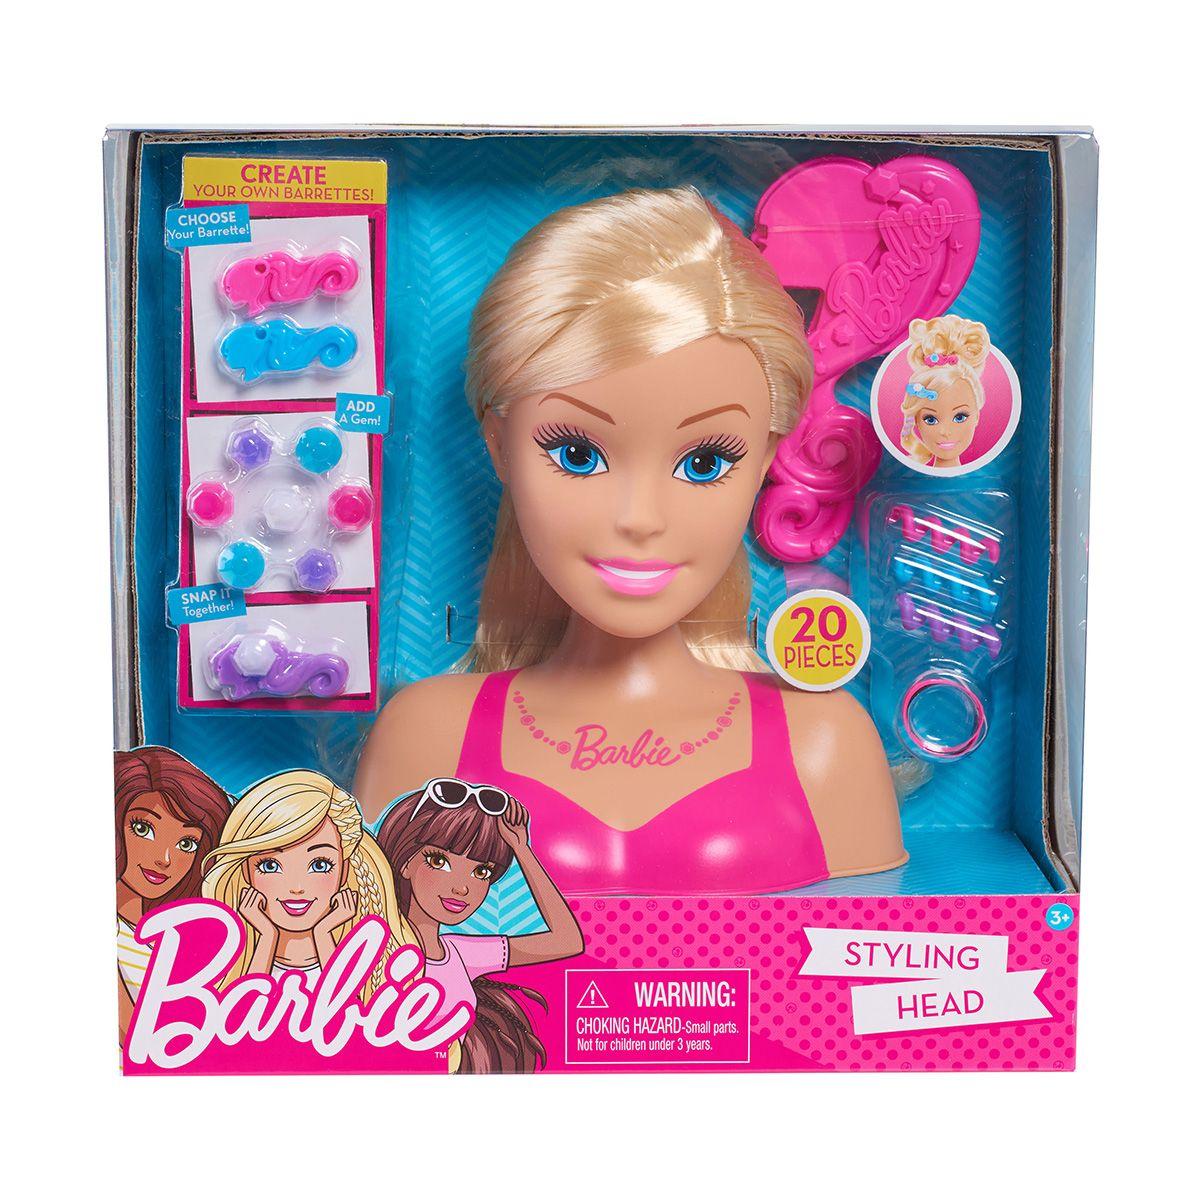 Papusa Barbie Styling Head Blonde - Manechin pentru coafat cu accesorii incluse